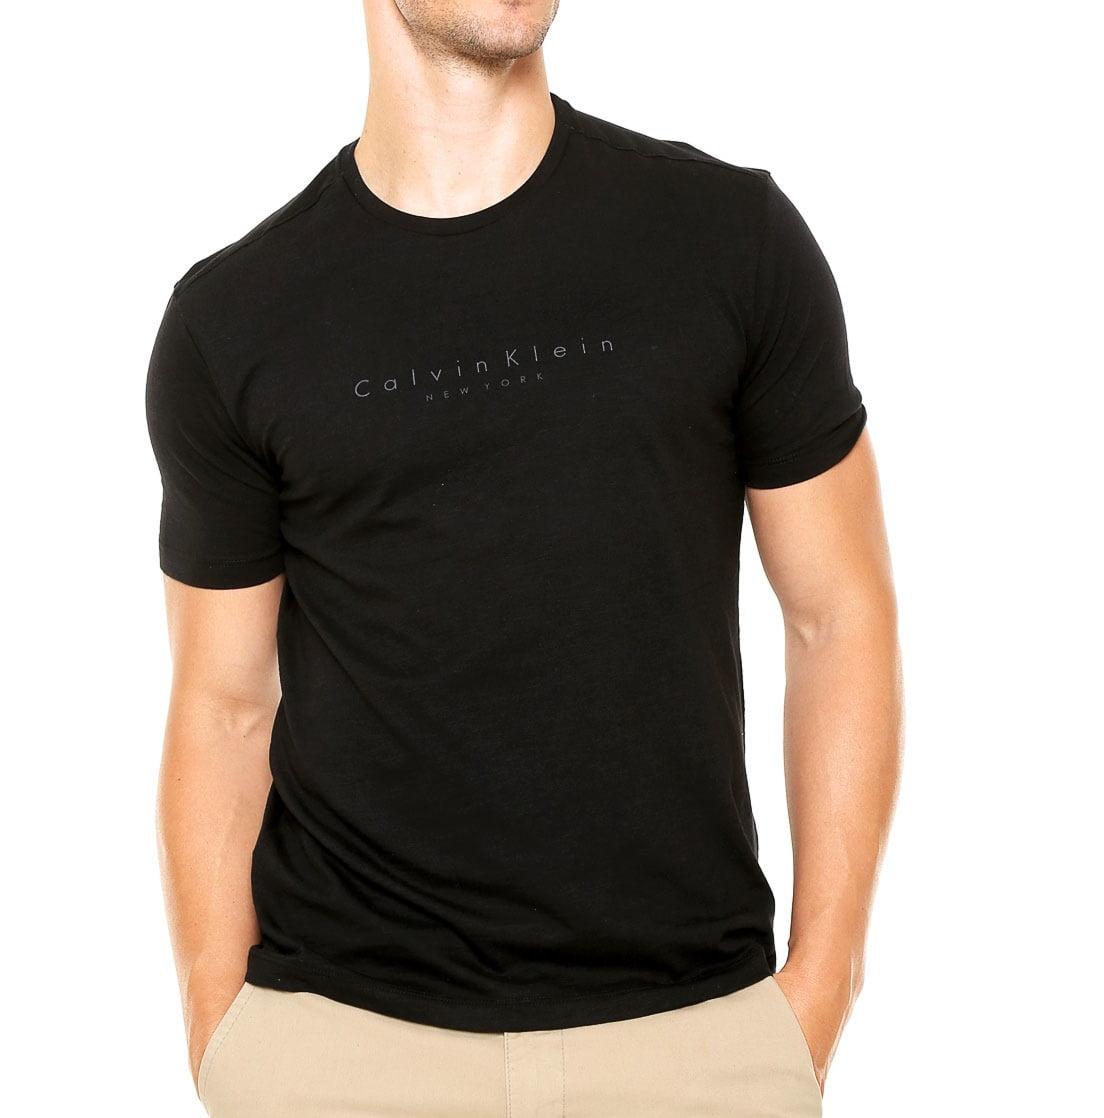 77cbf693ed Camiseta Calvin Klein masculina preta